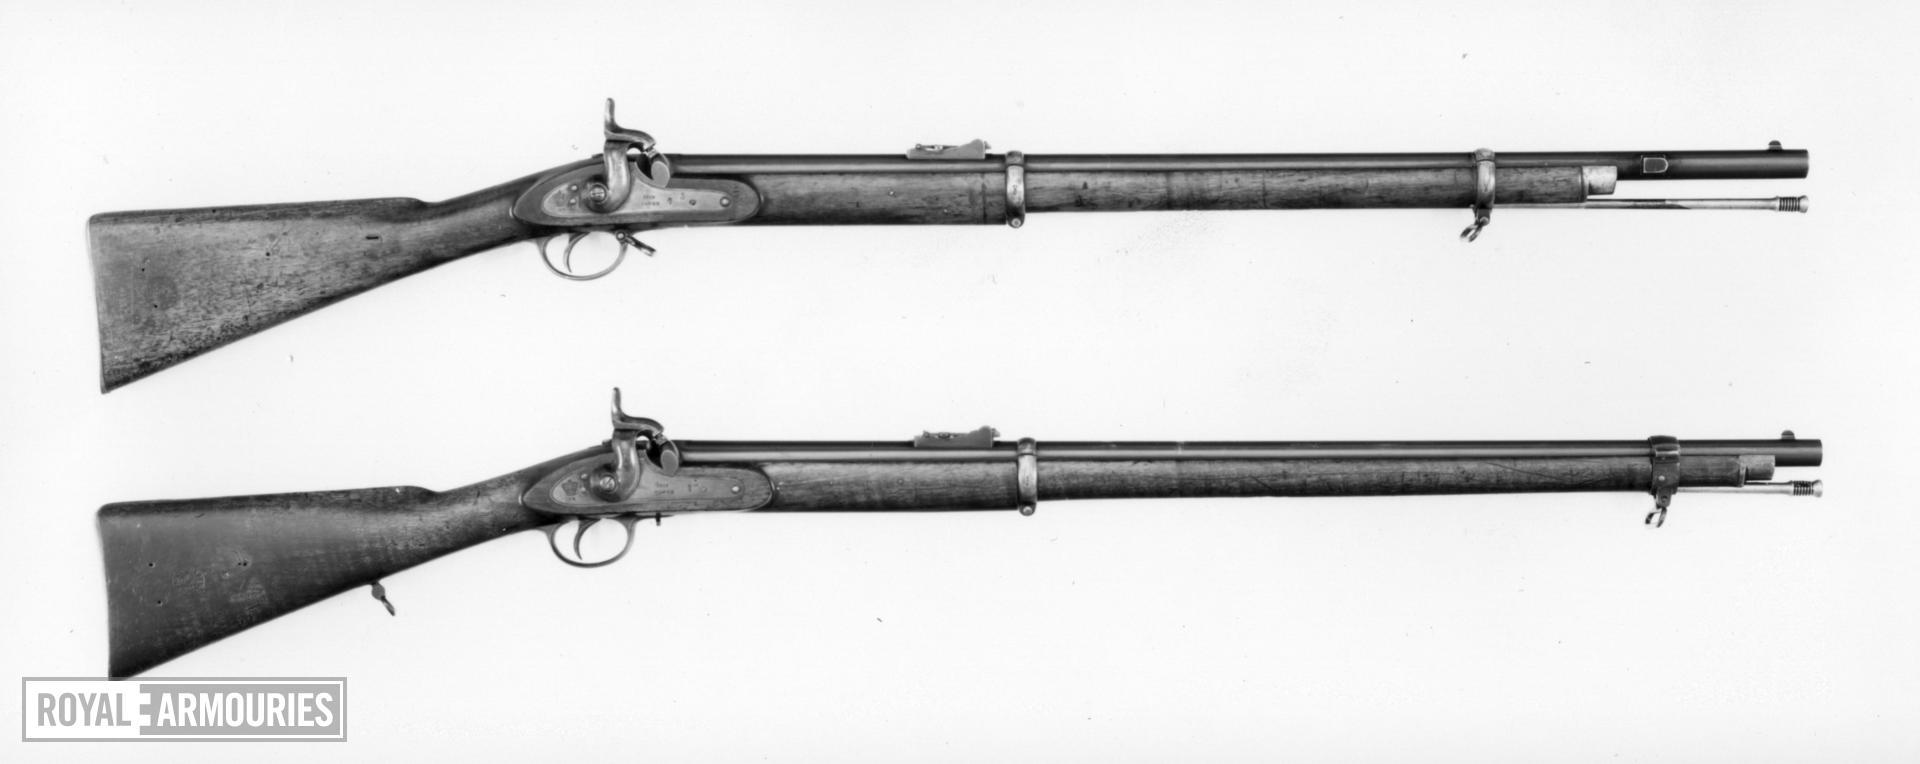 Percussion muzzle-loading rifle - Pattern 1853